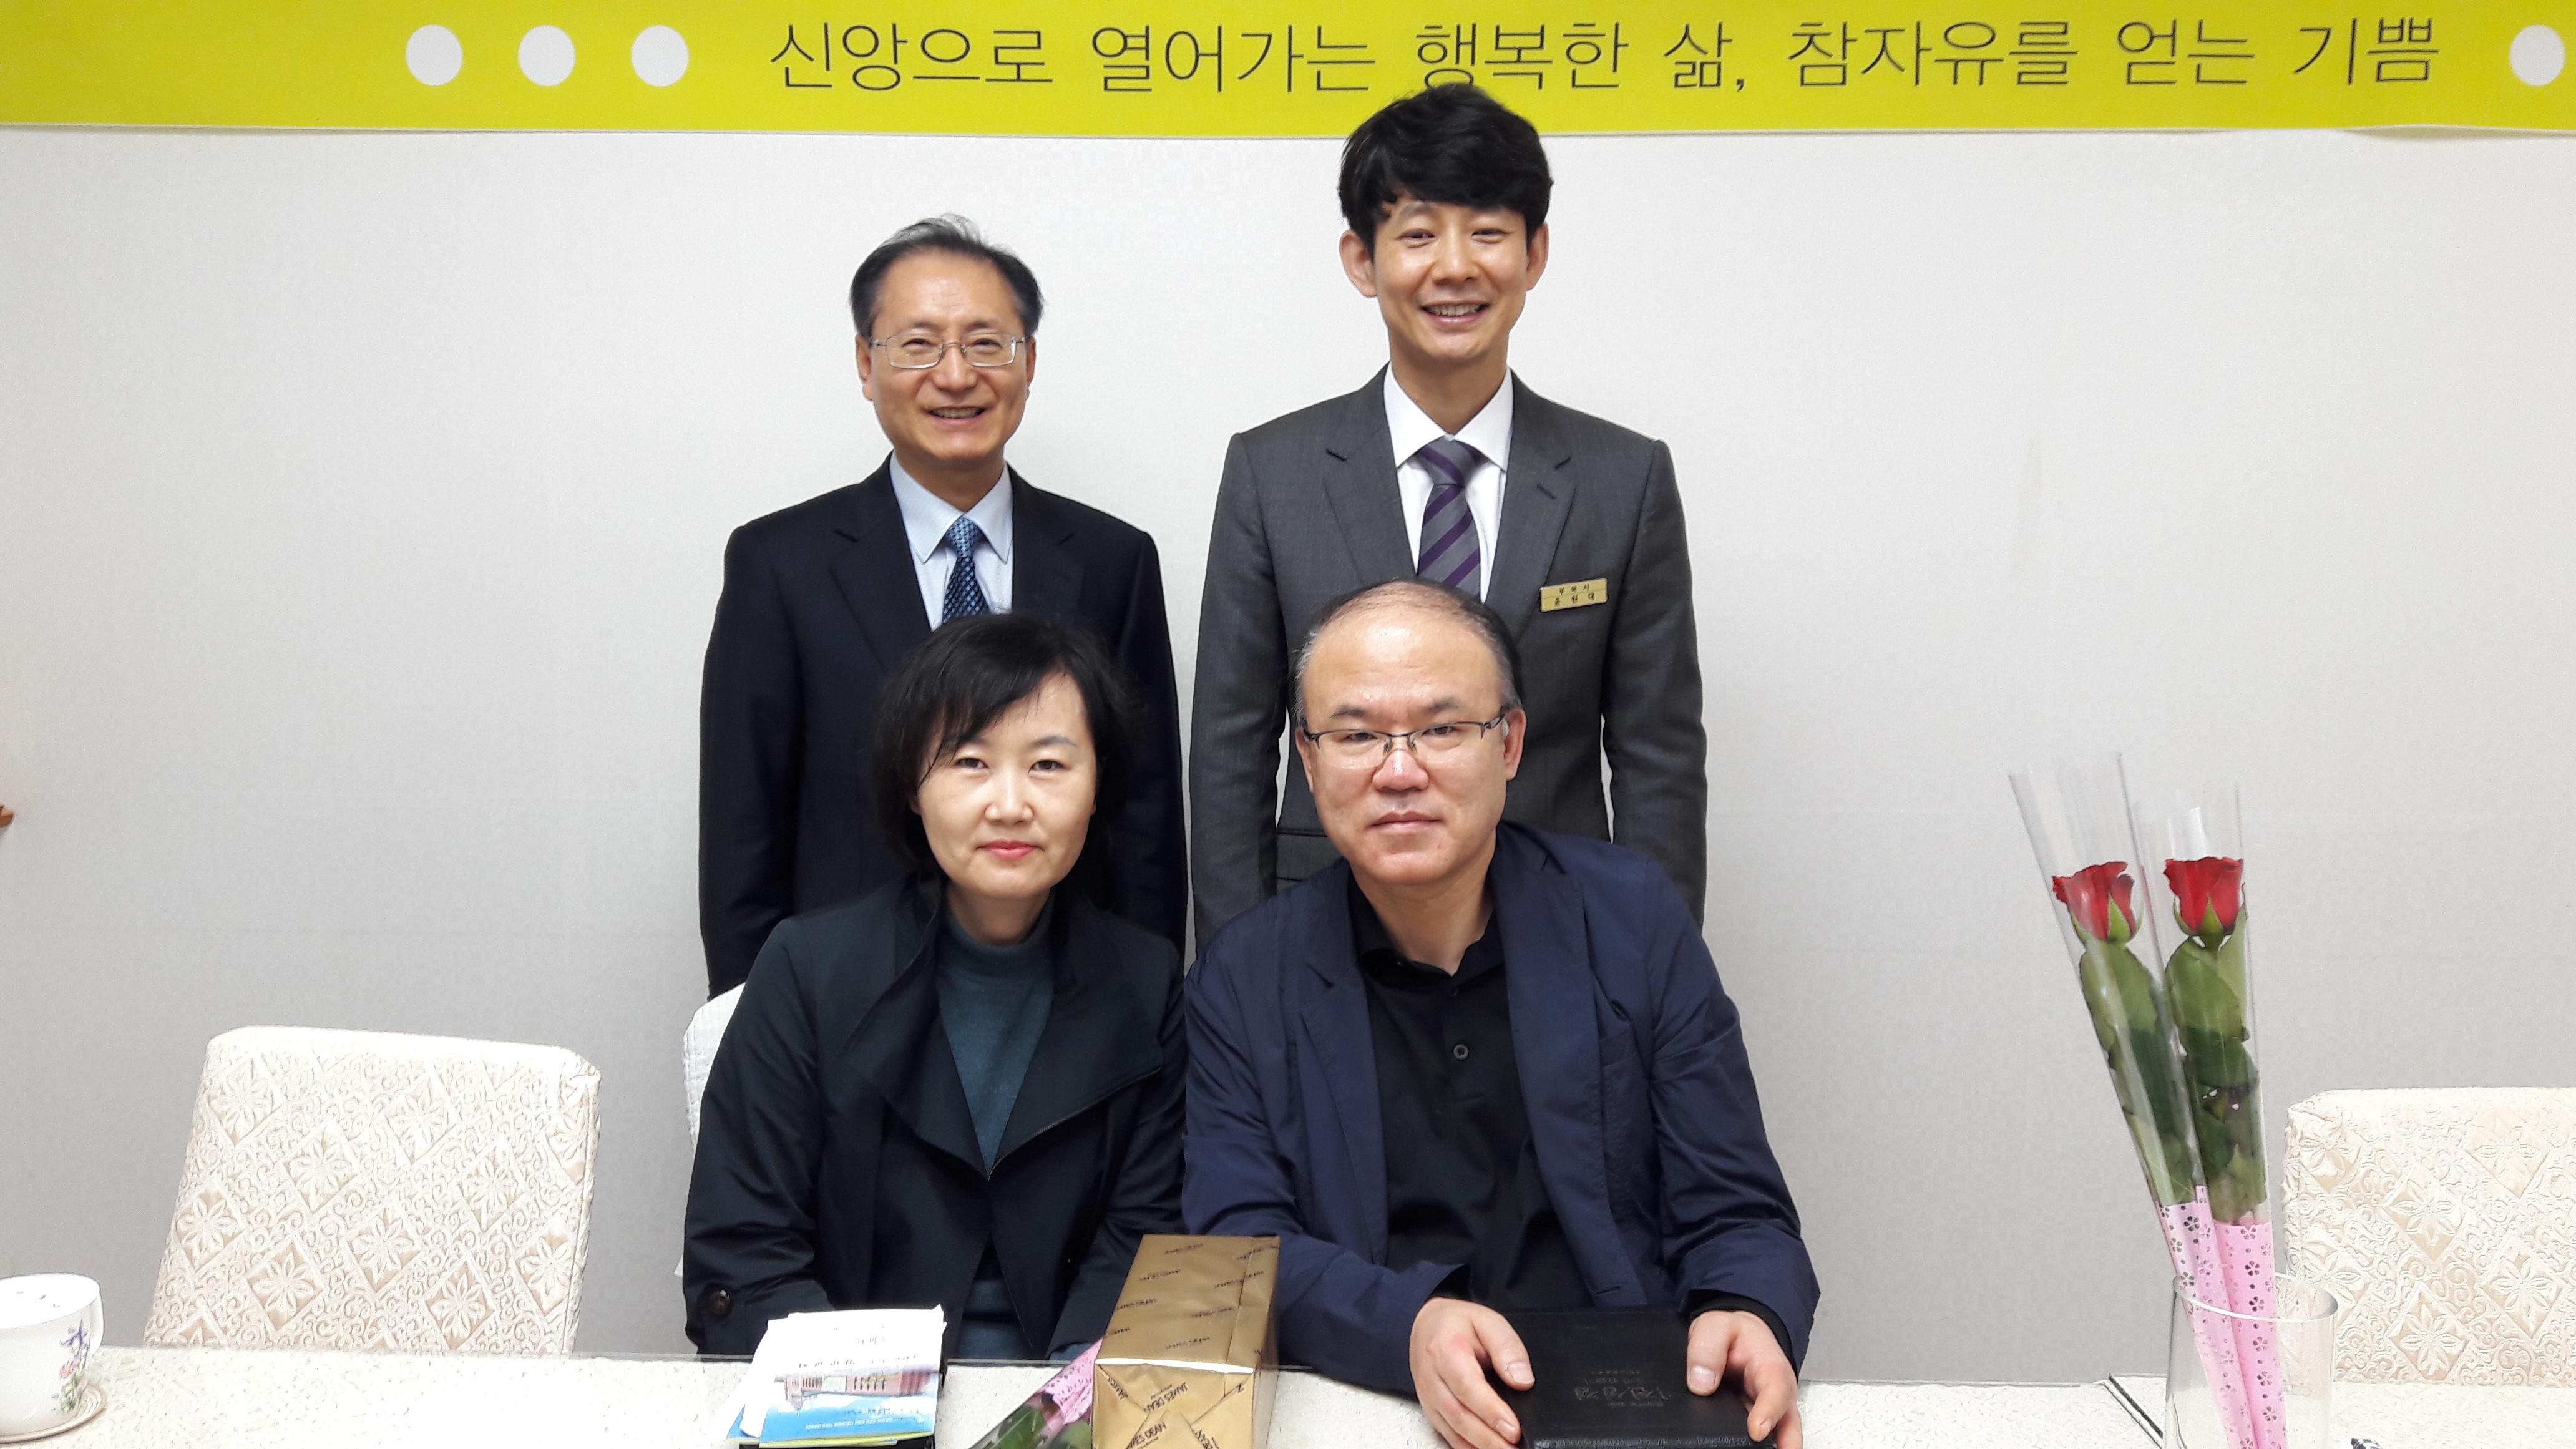 180513 김두식 이정현.jpg